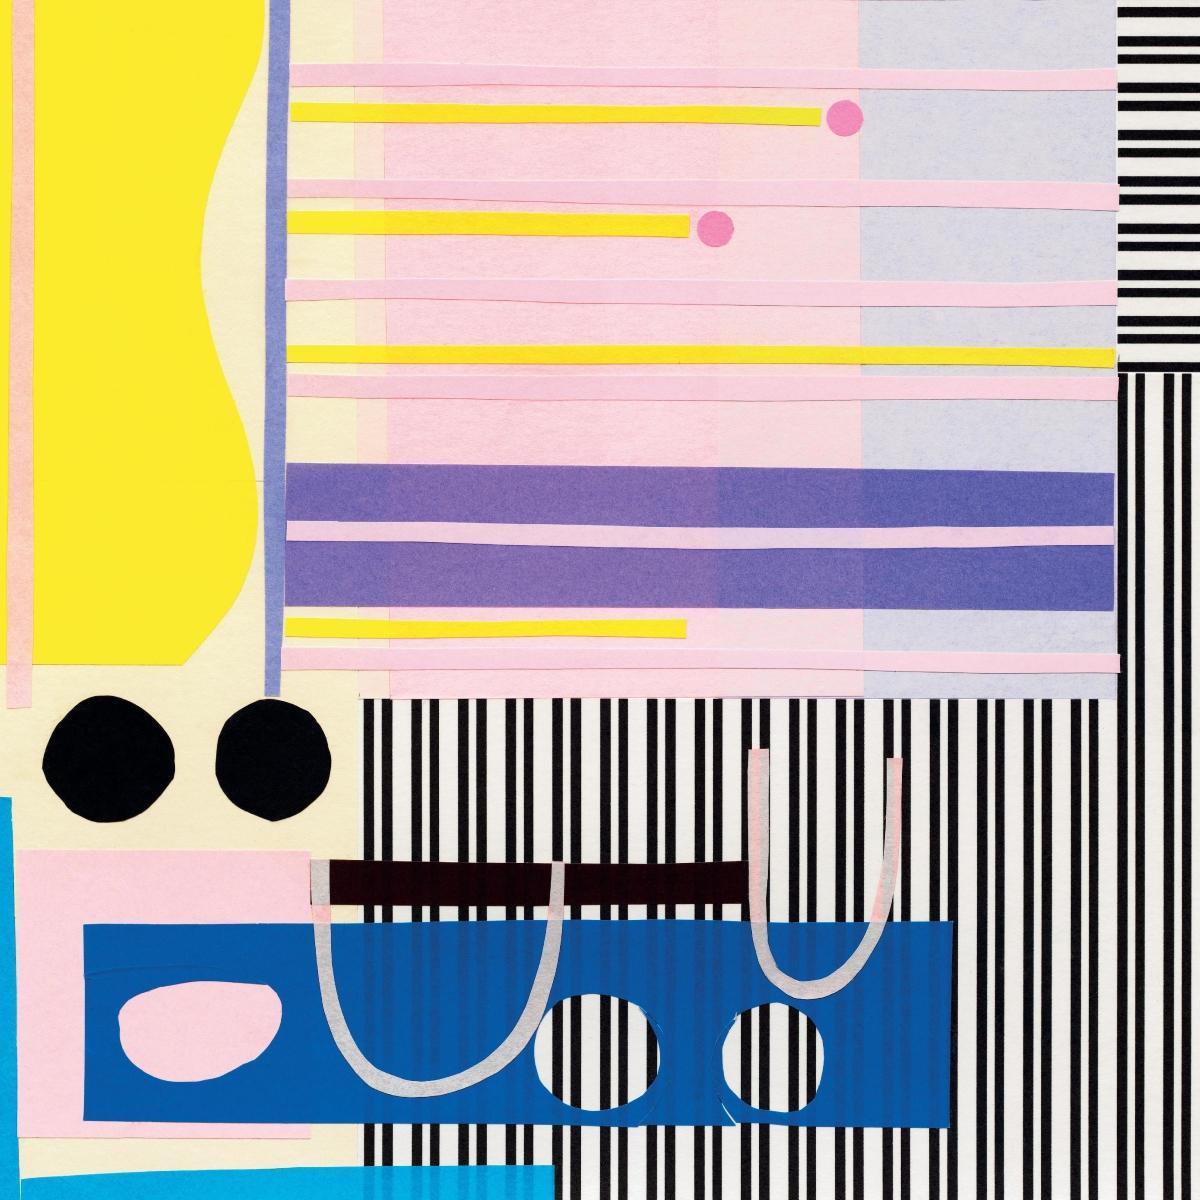 Espen T. Hangard/ELEMENTAER LP